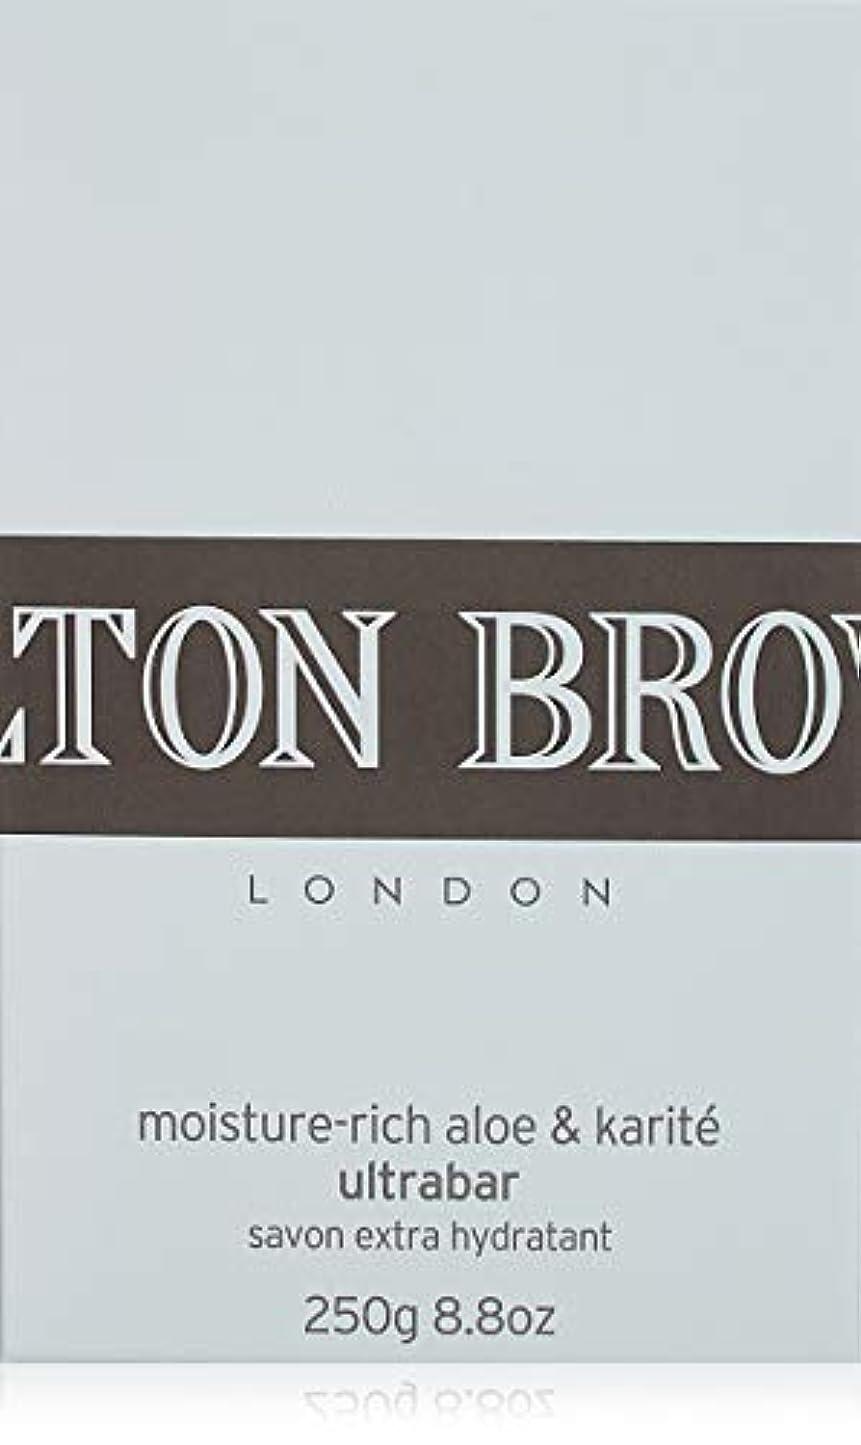 広告注釈疑い者MOLTON BROWN(モルトンブラウン) モイスチャーリッチ アロエ&カリテ ウルトラバー 250g